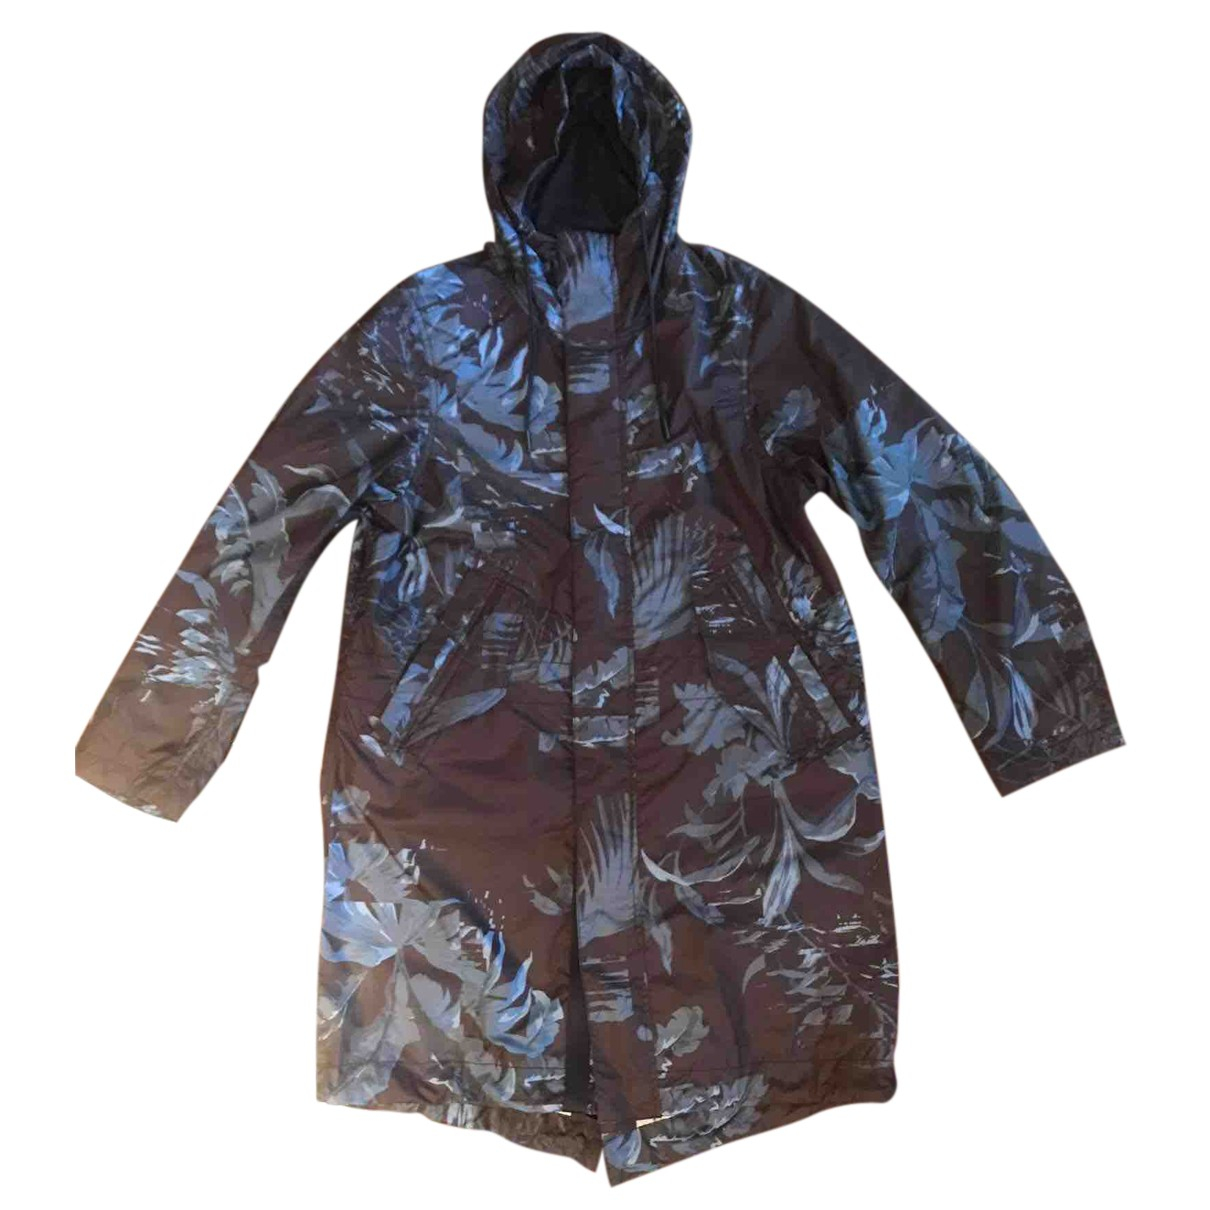 Nike - Manteau   pour homme - multicolore